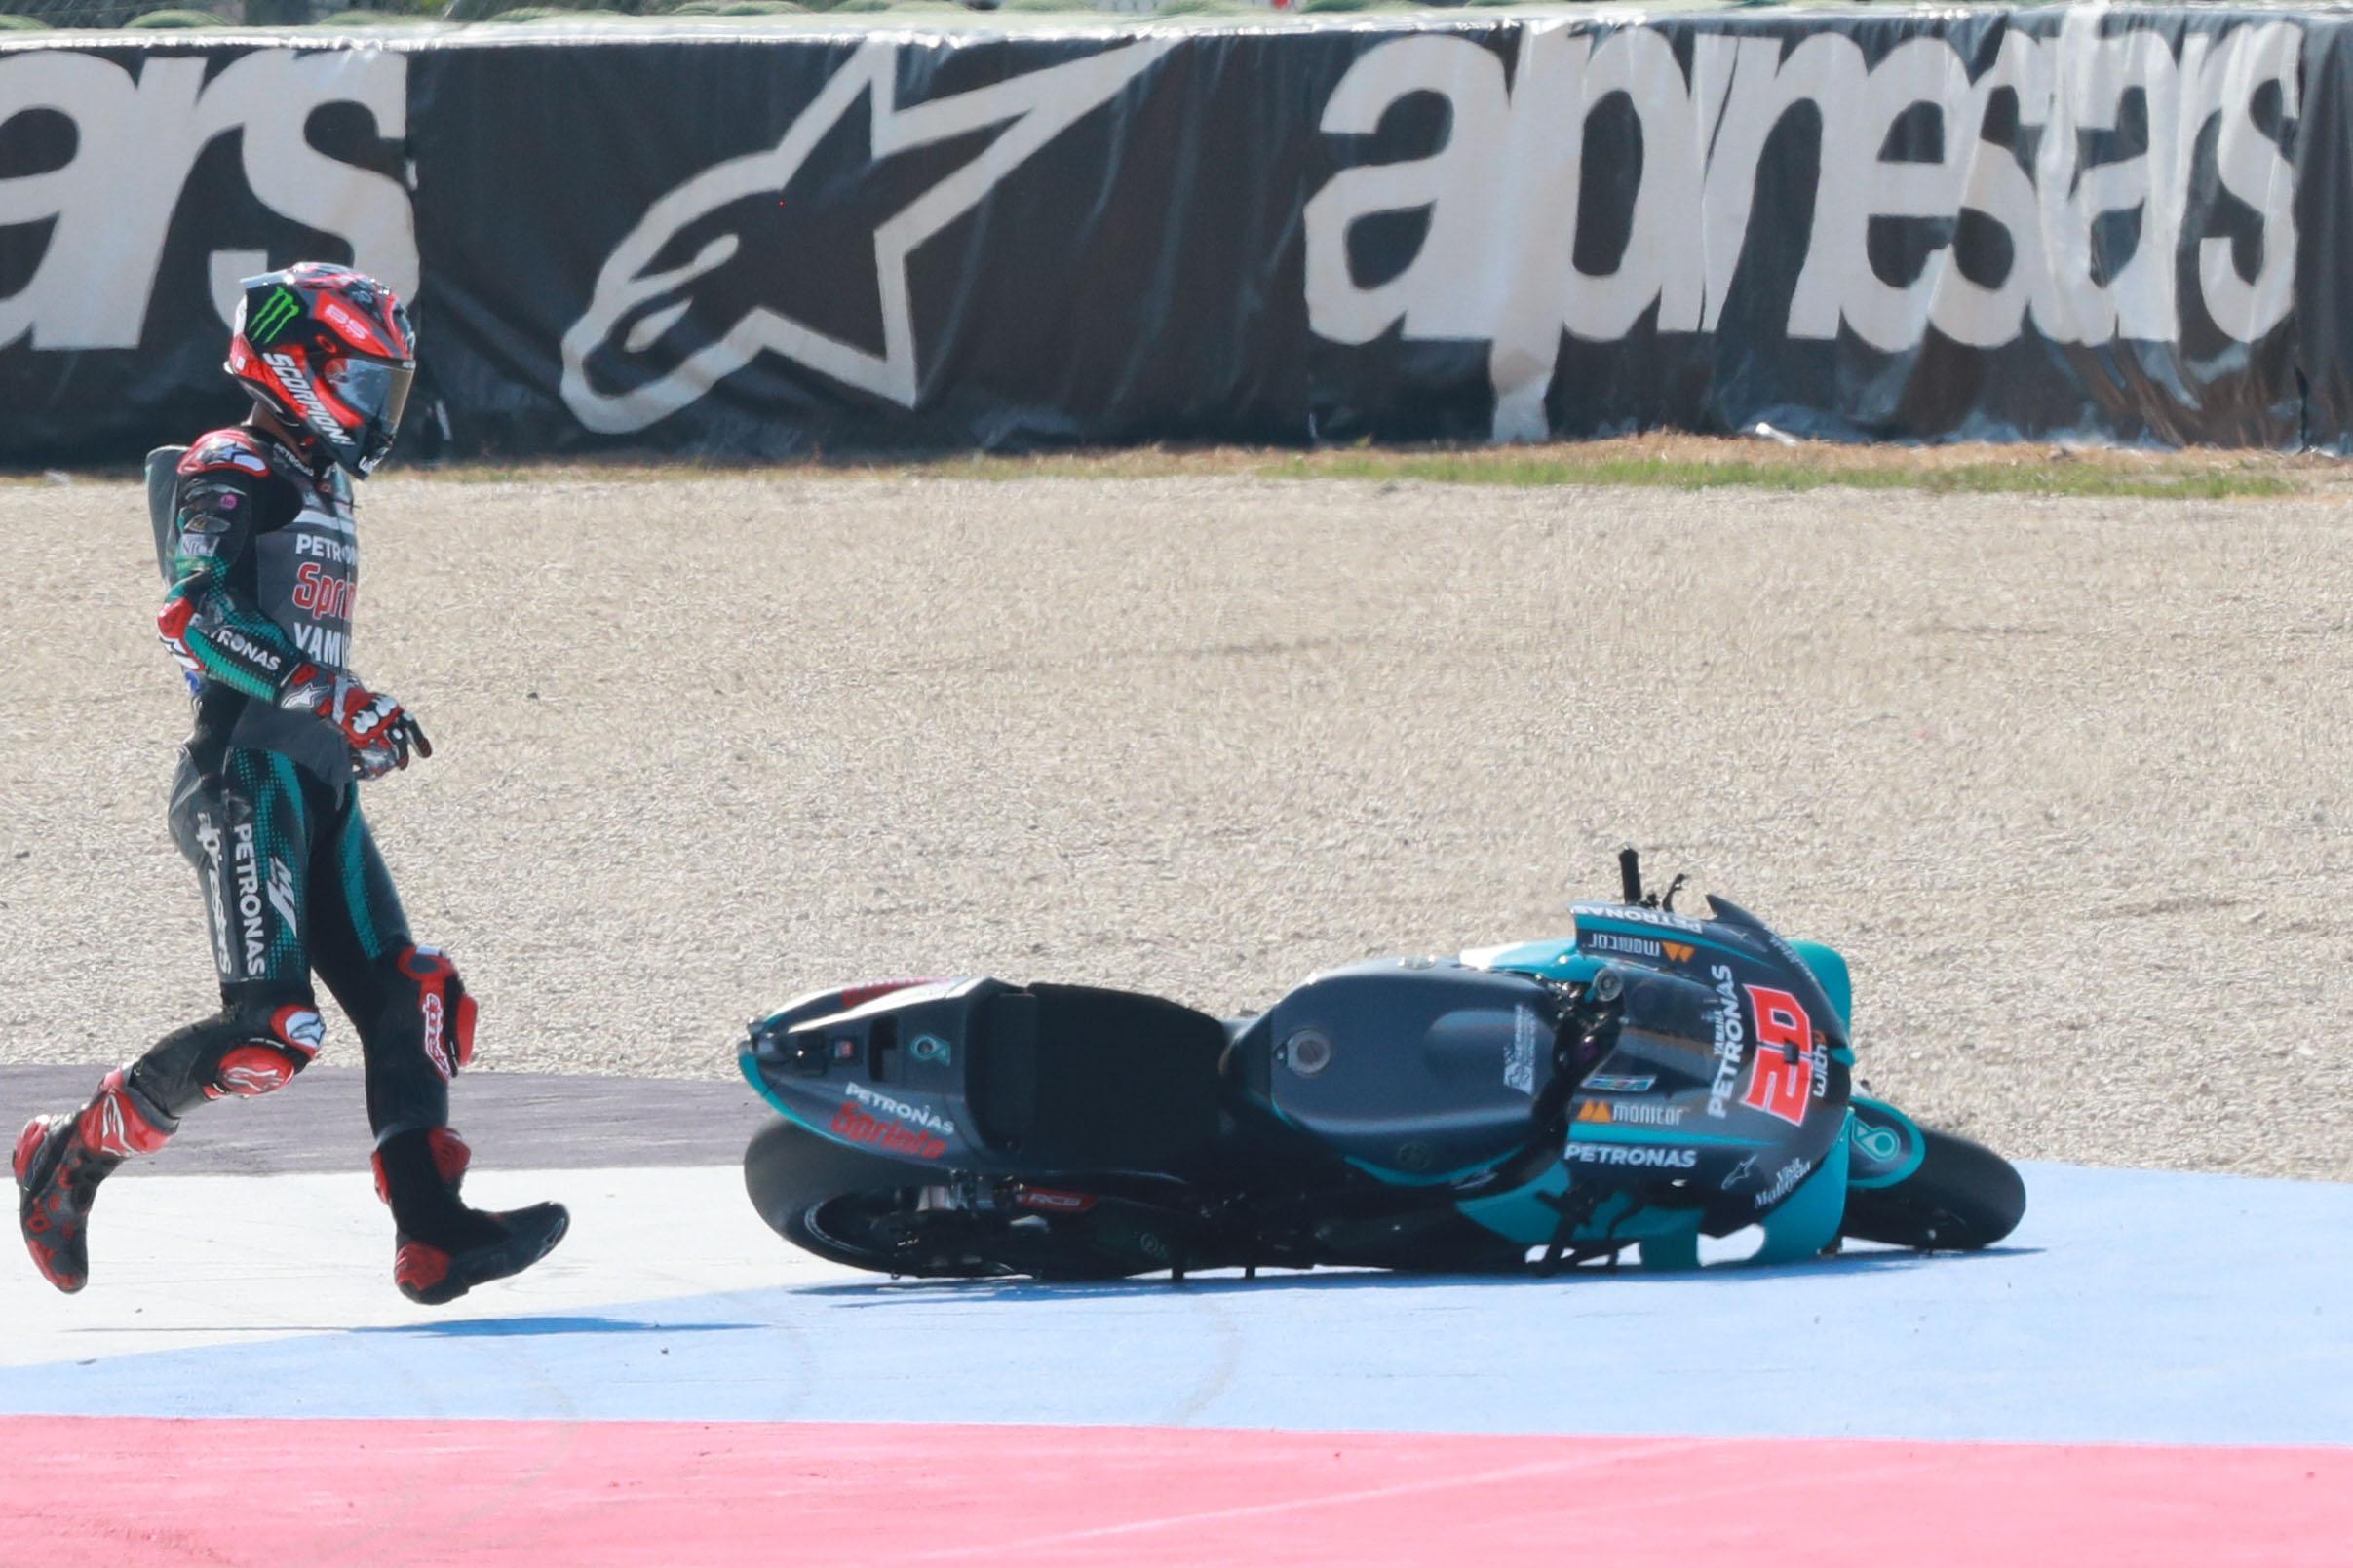 Fabio Quartararo after crash, MotoGP race, San Marino MotoGP, 13 September 2020